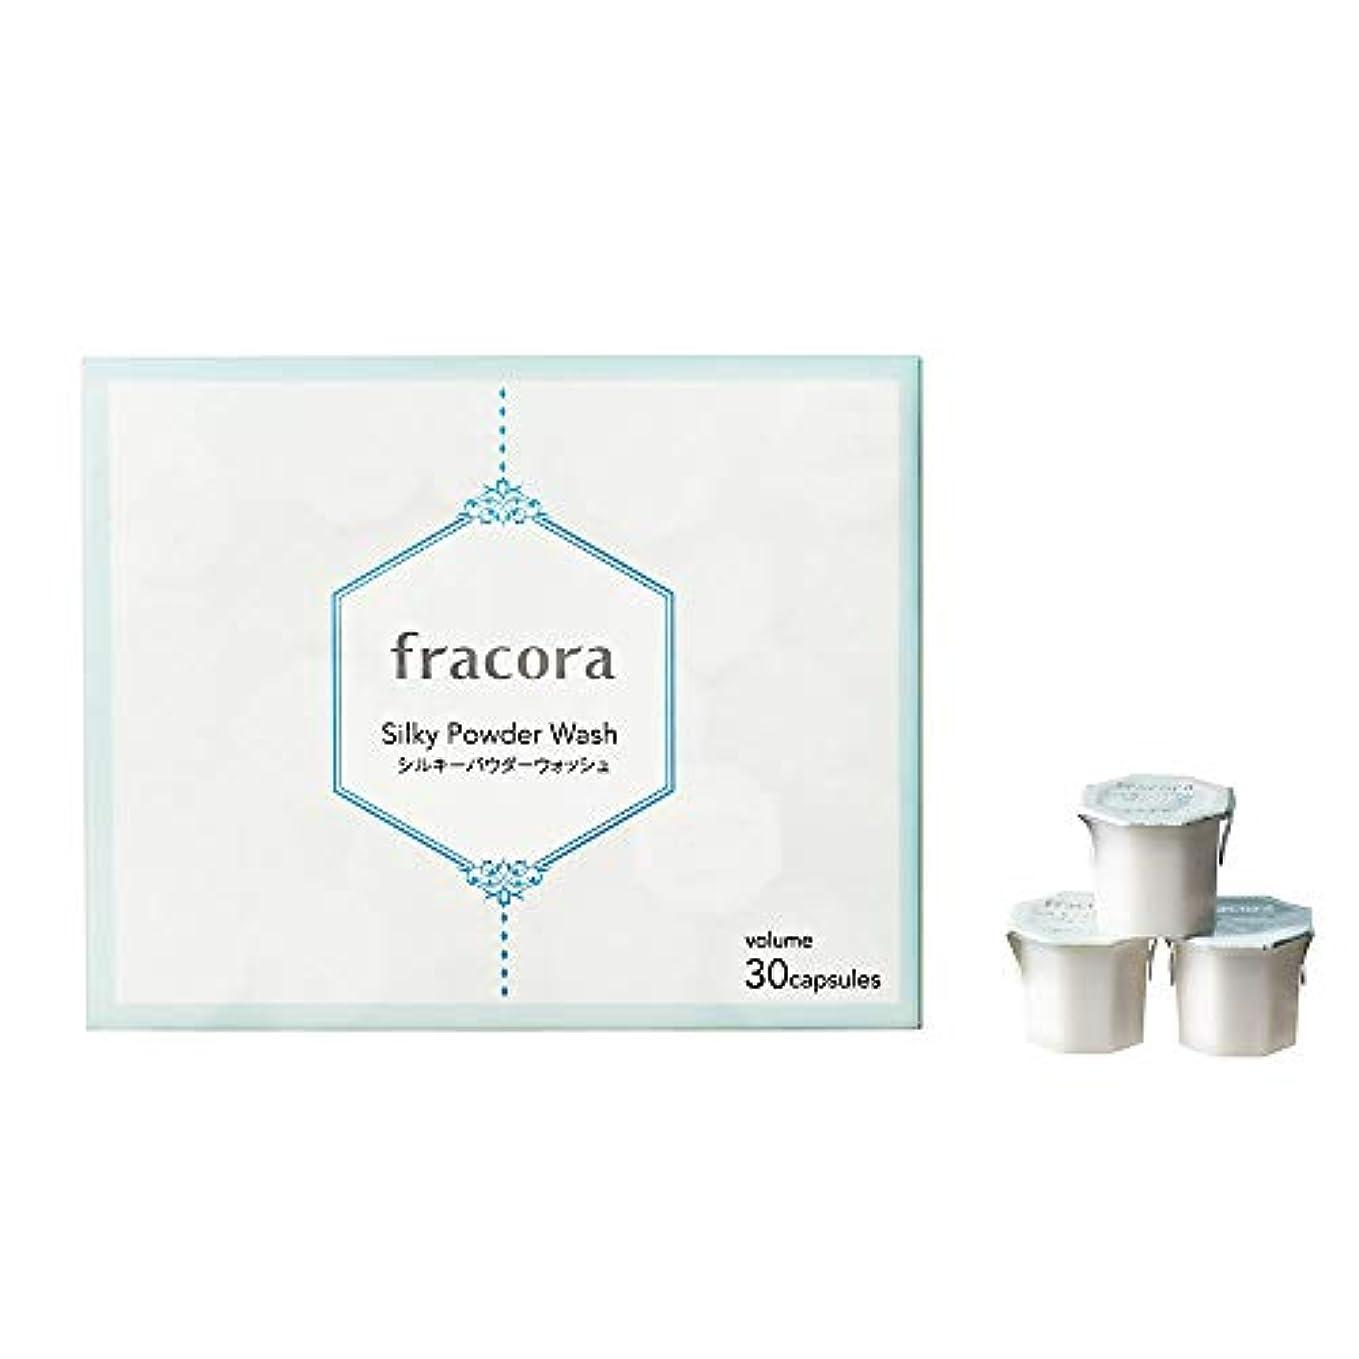 縫い目推定豊かなfracora(フラコラ) 酵素洗顔 シルキーパウダーウォッシュ 30カプセル入